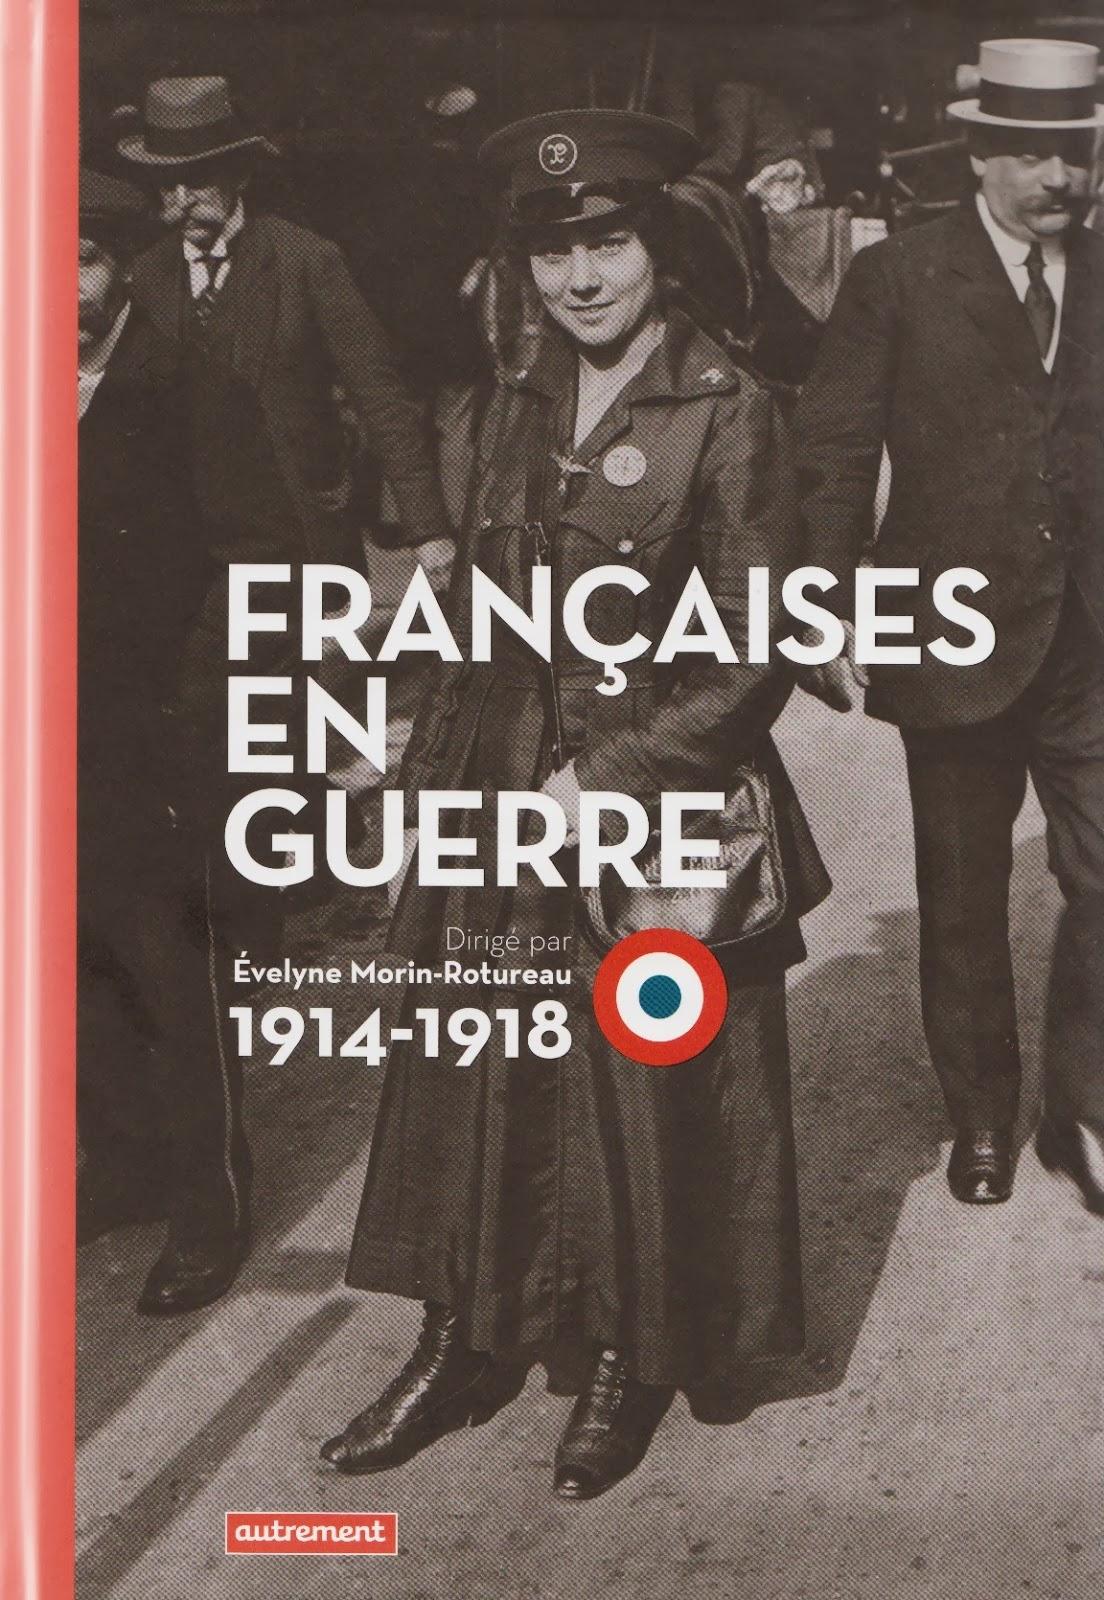 prostituées francaises